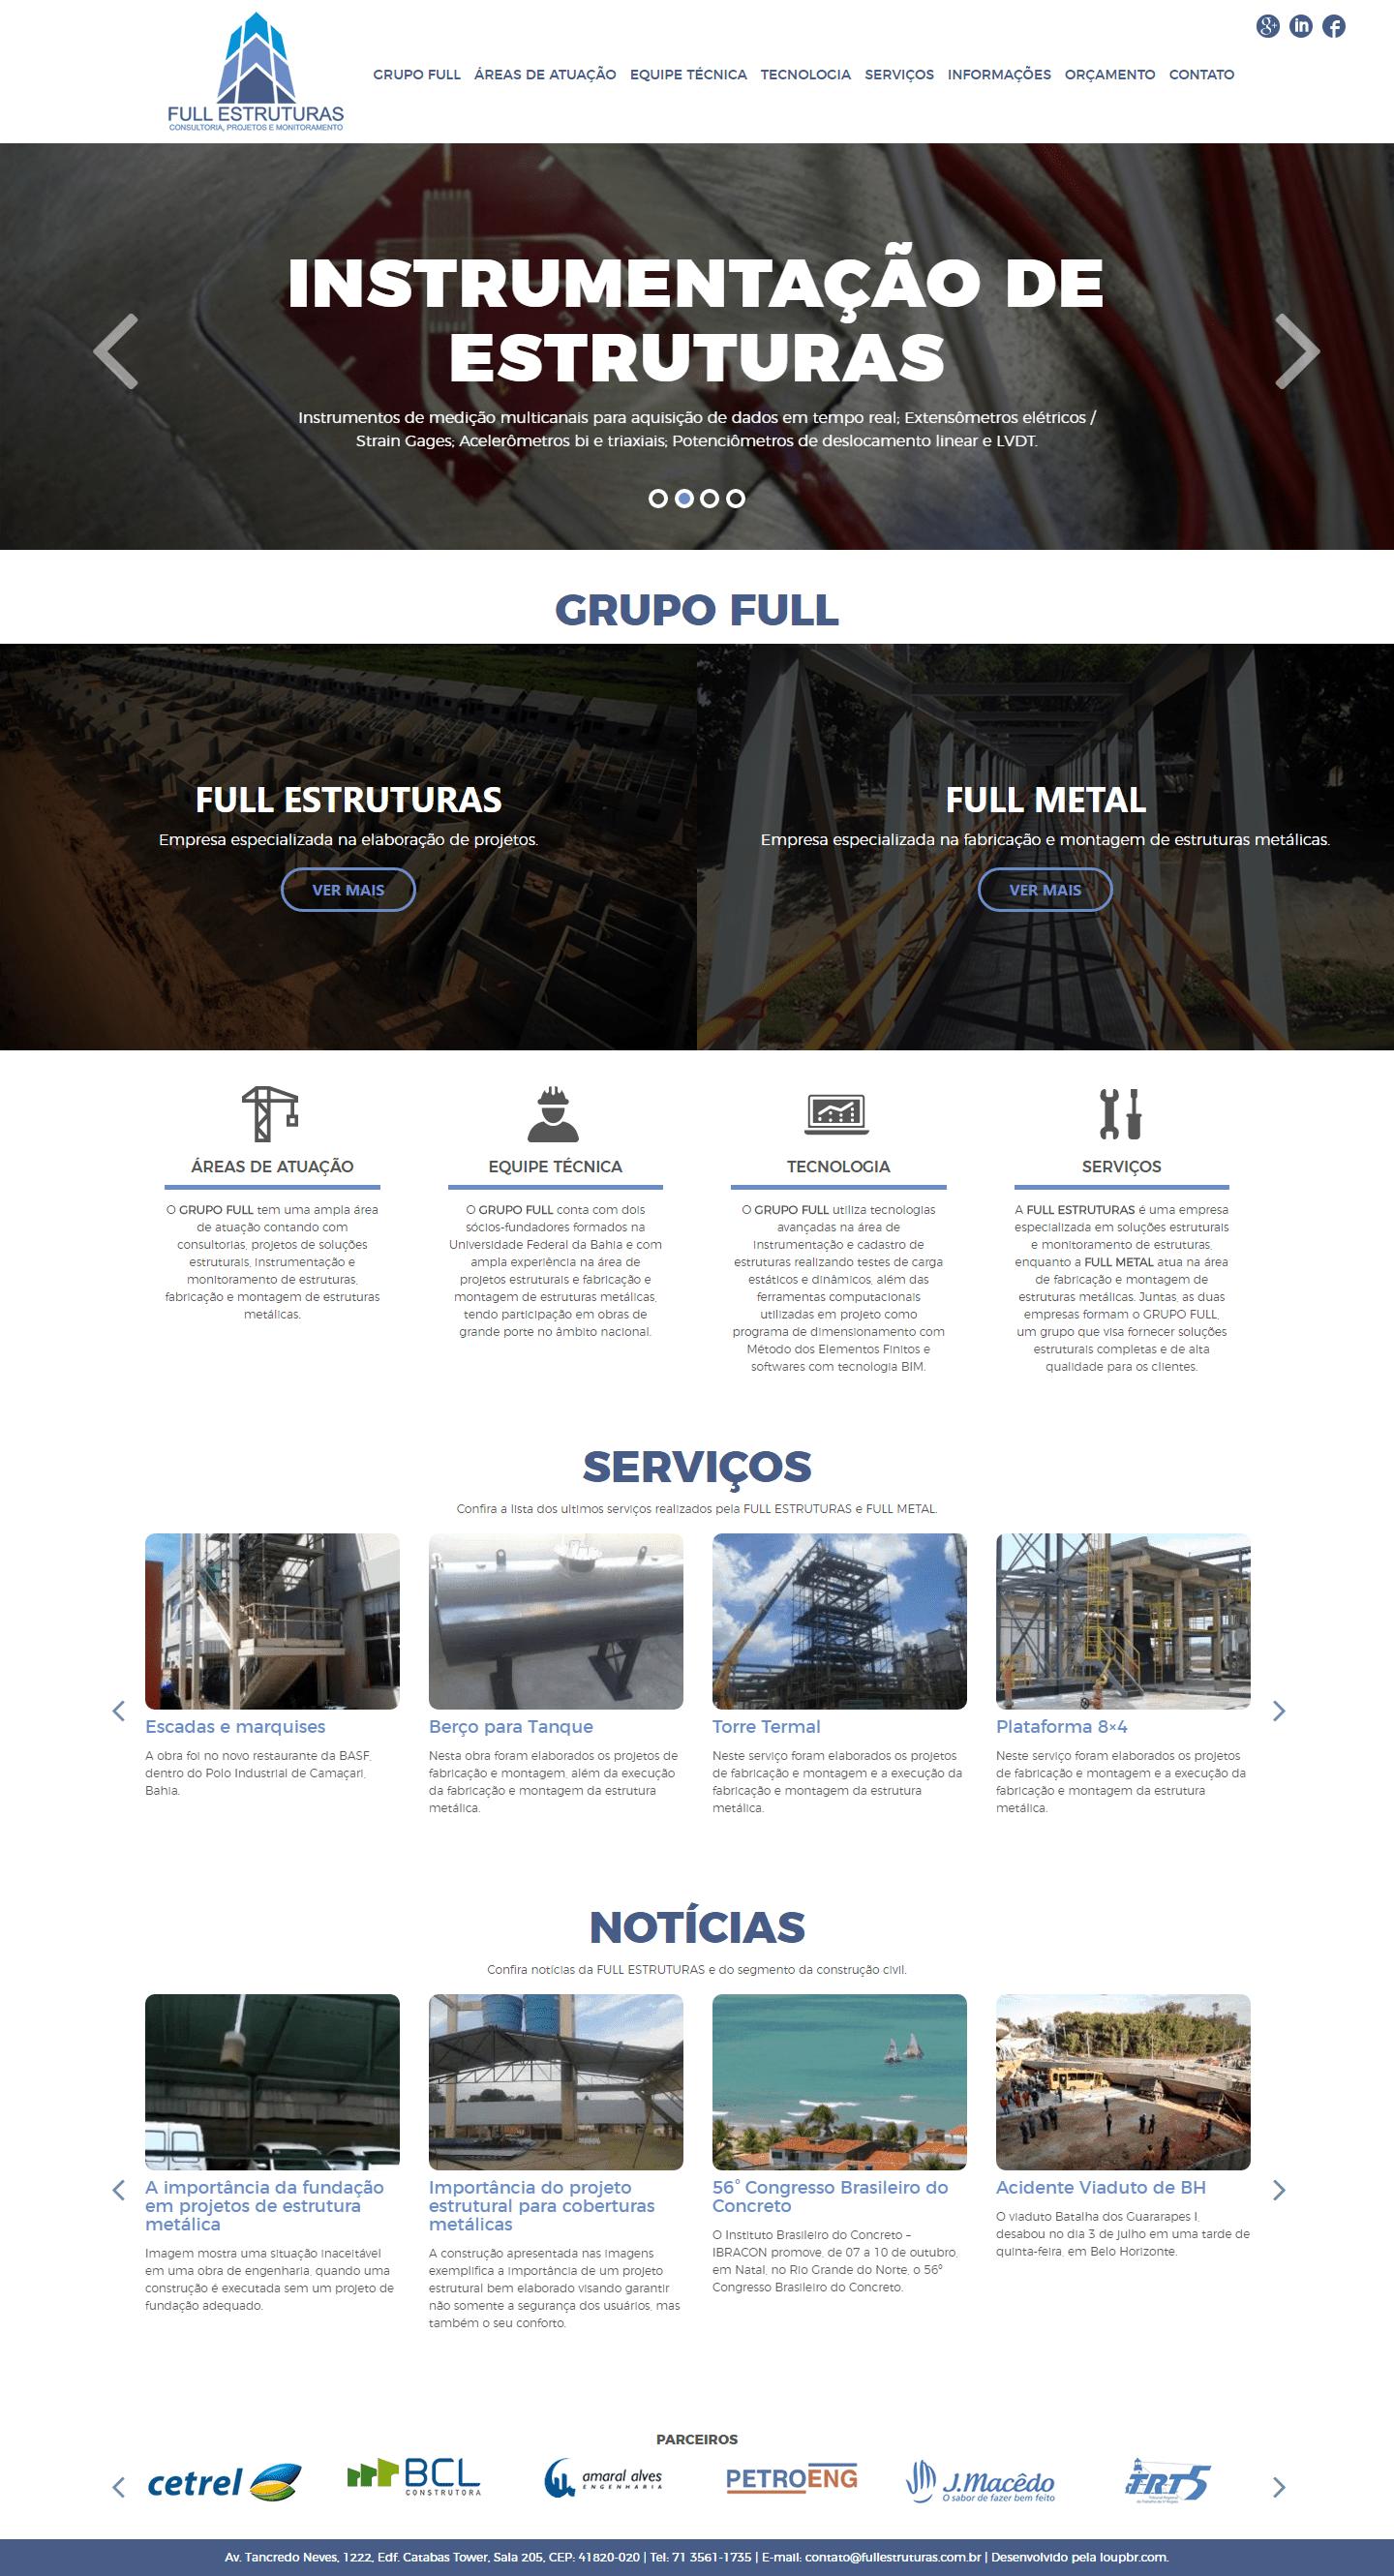 Imagem apresenta a página principal do site GRUPO FULL.